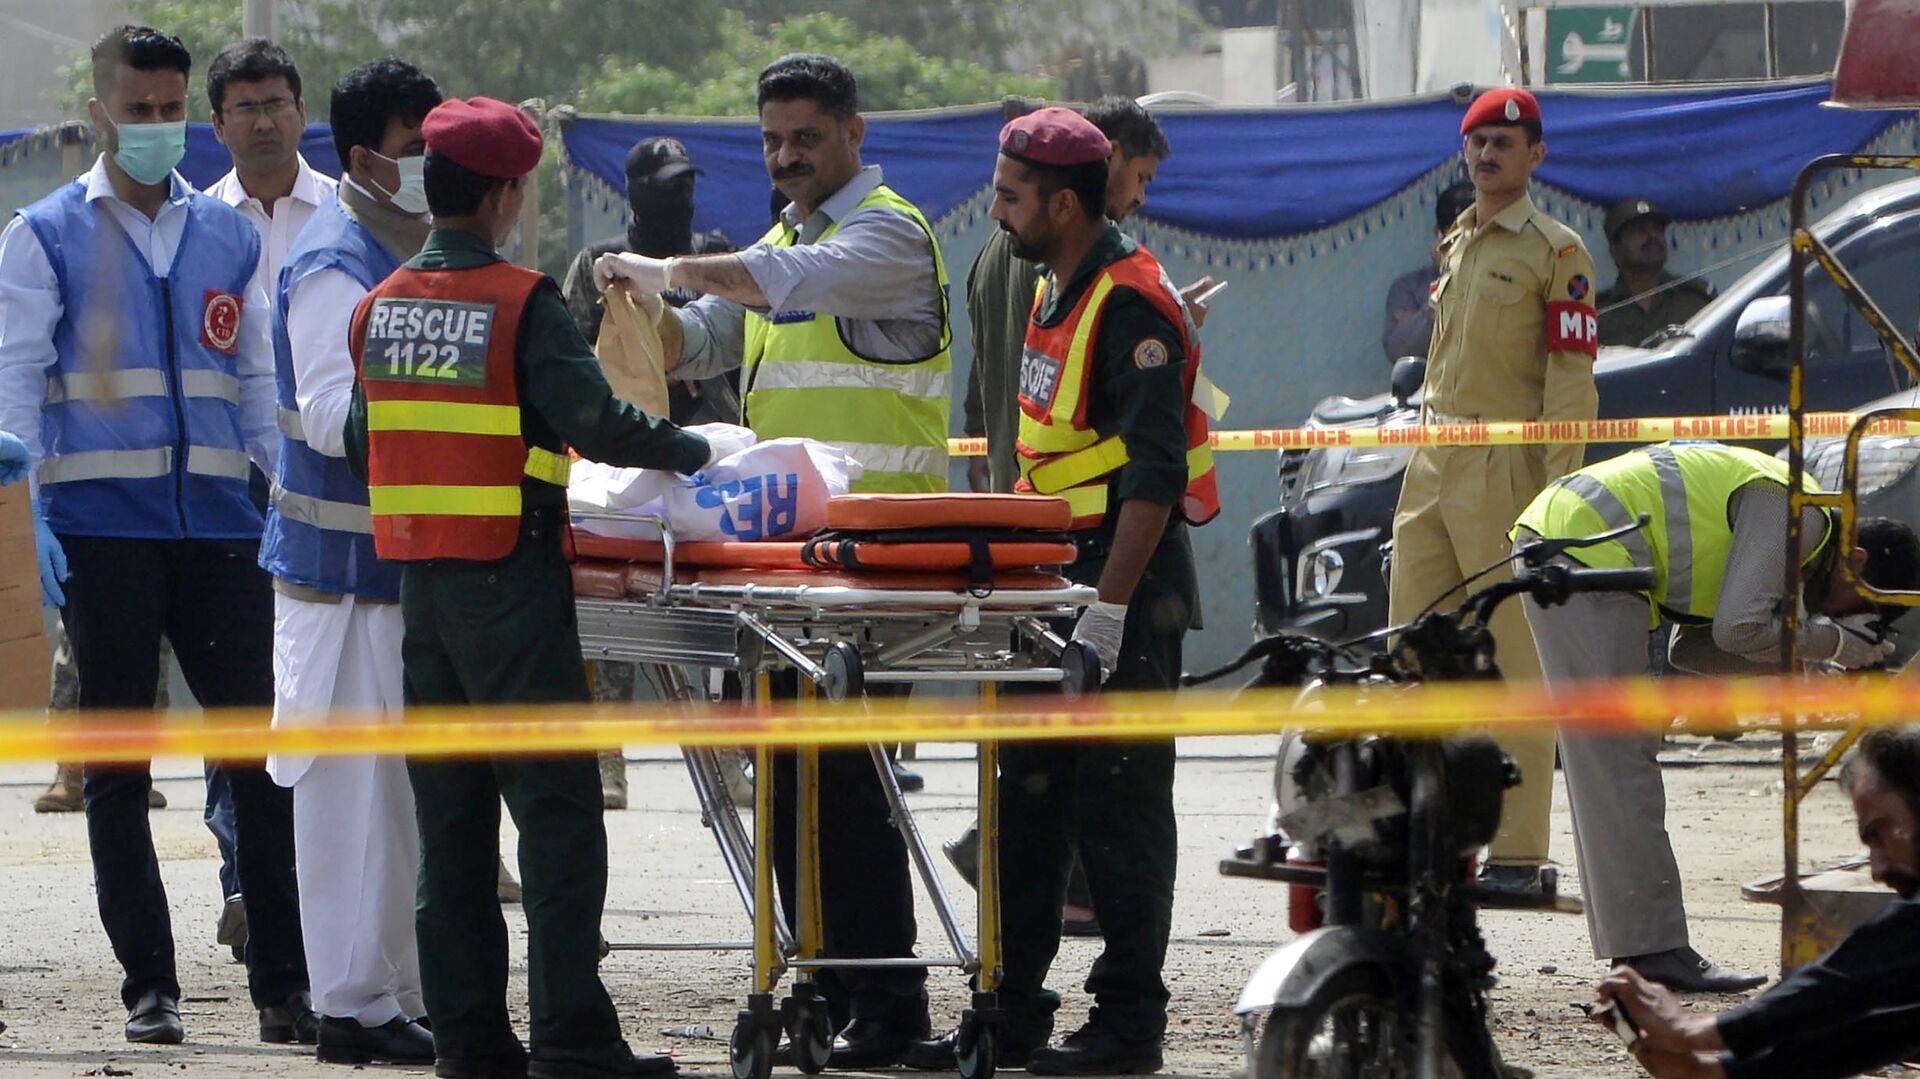 El lugar de la explosión en Lahore, Pakistán - Sputnik Mundo, 1920, 08.08.2021